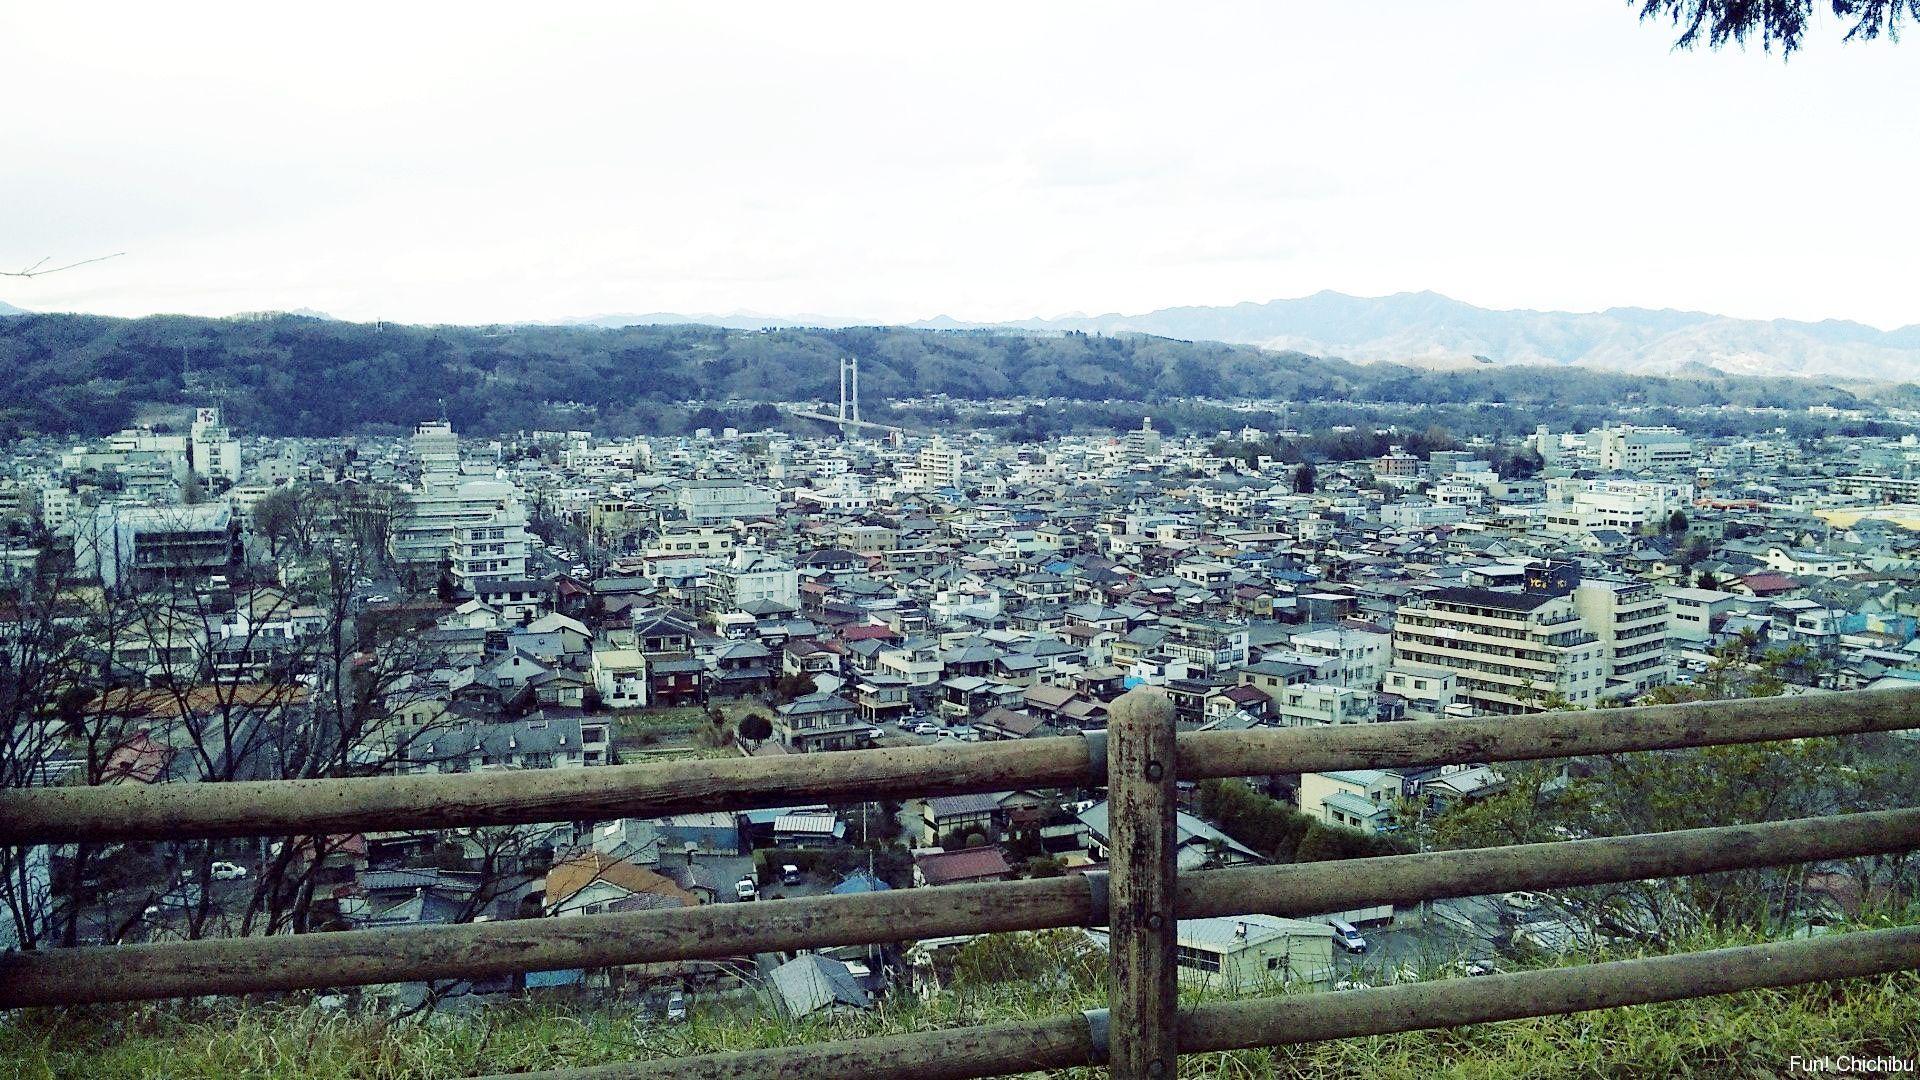 羊山公園見晴らしの山頂から秩父市街を見る